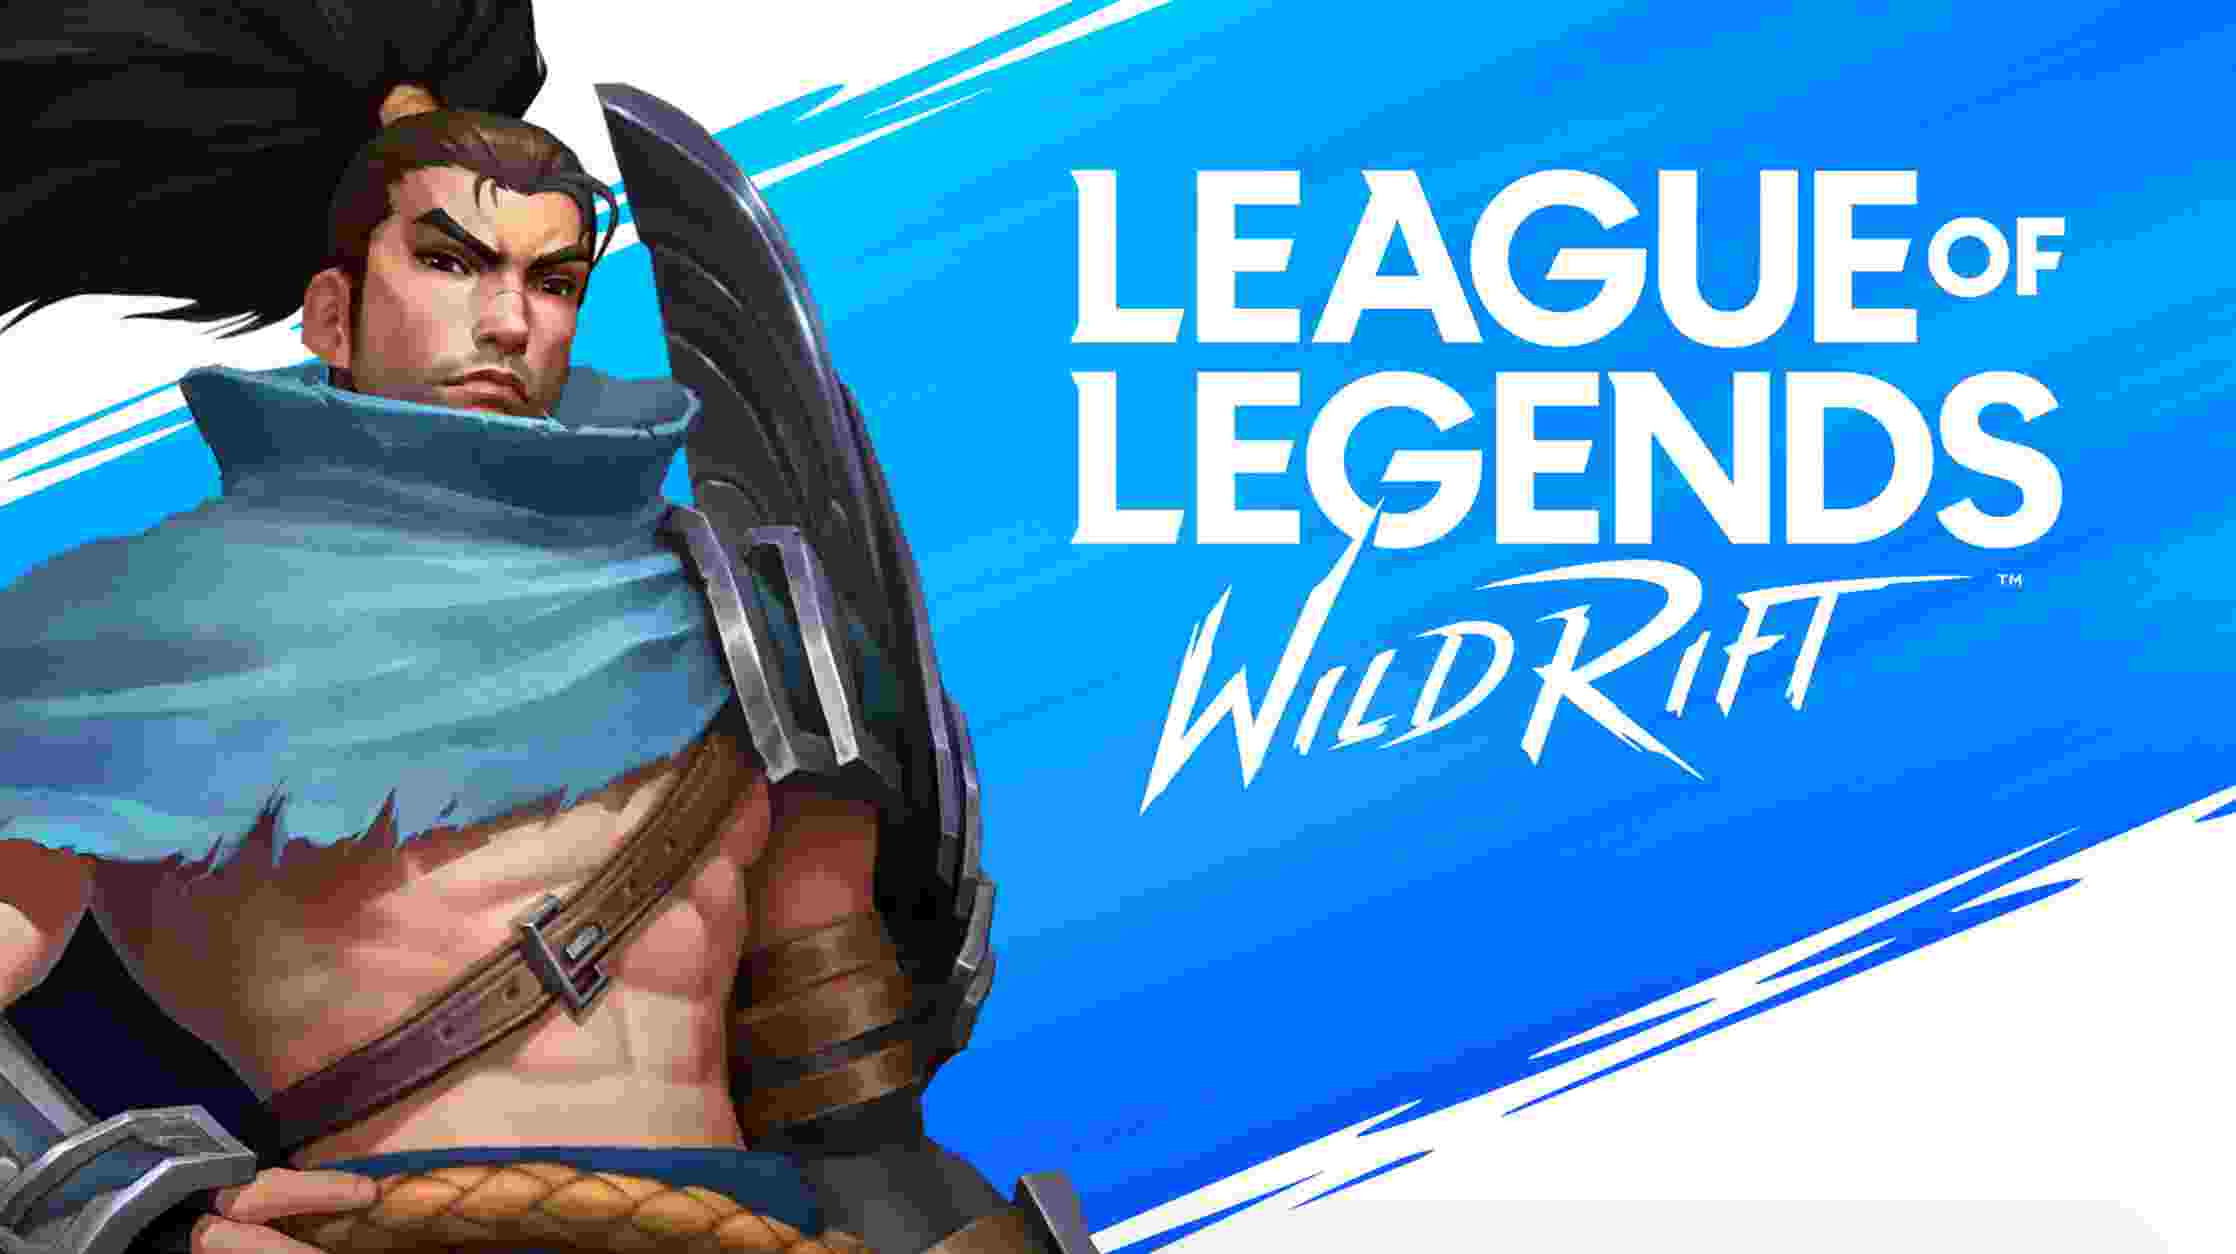 League of Legends Wild Rift download